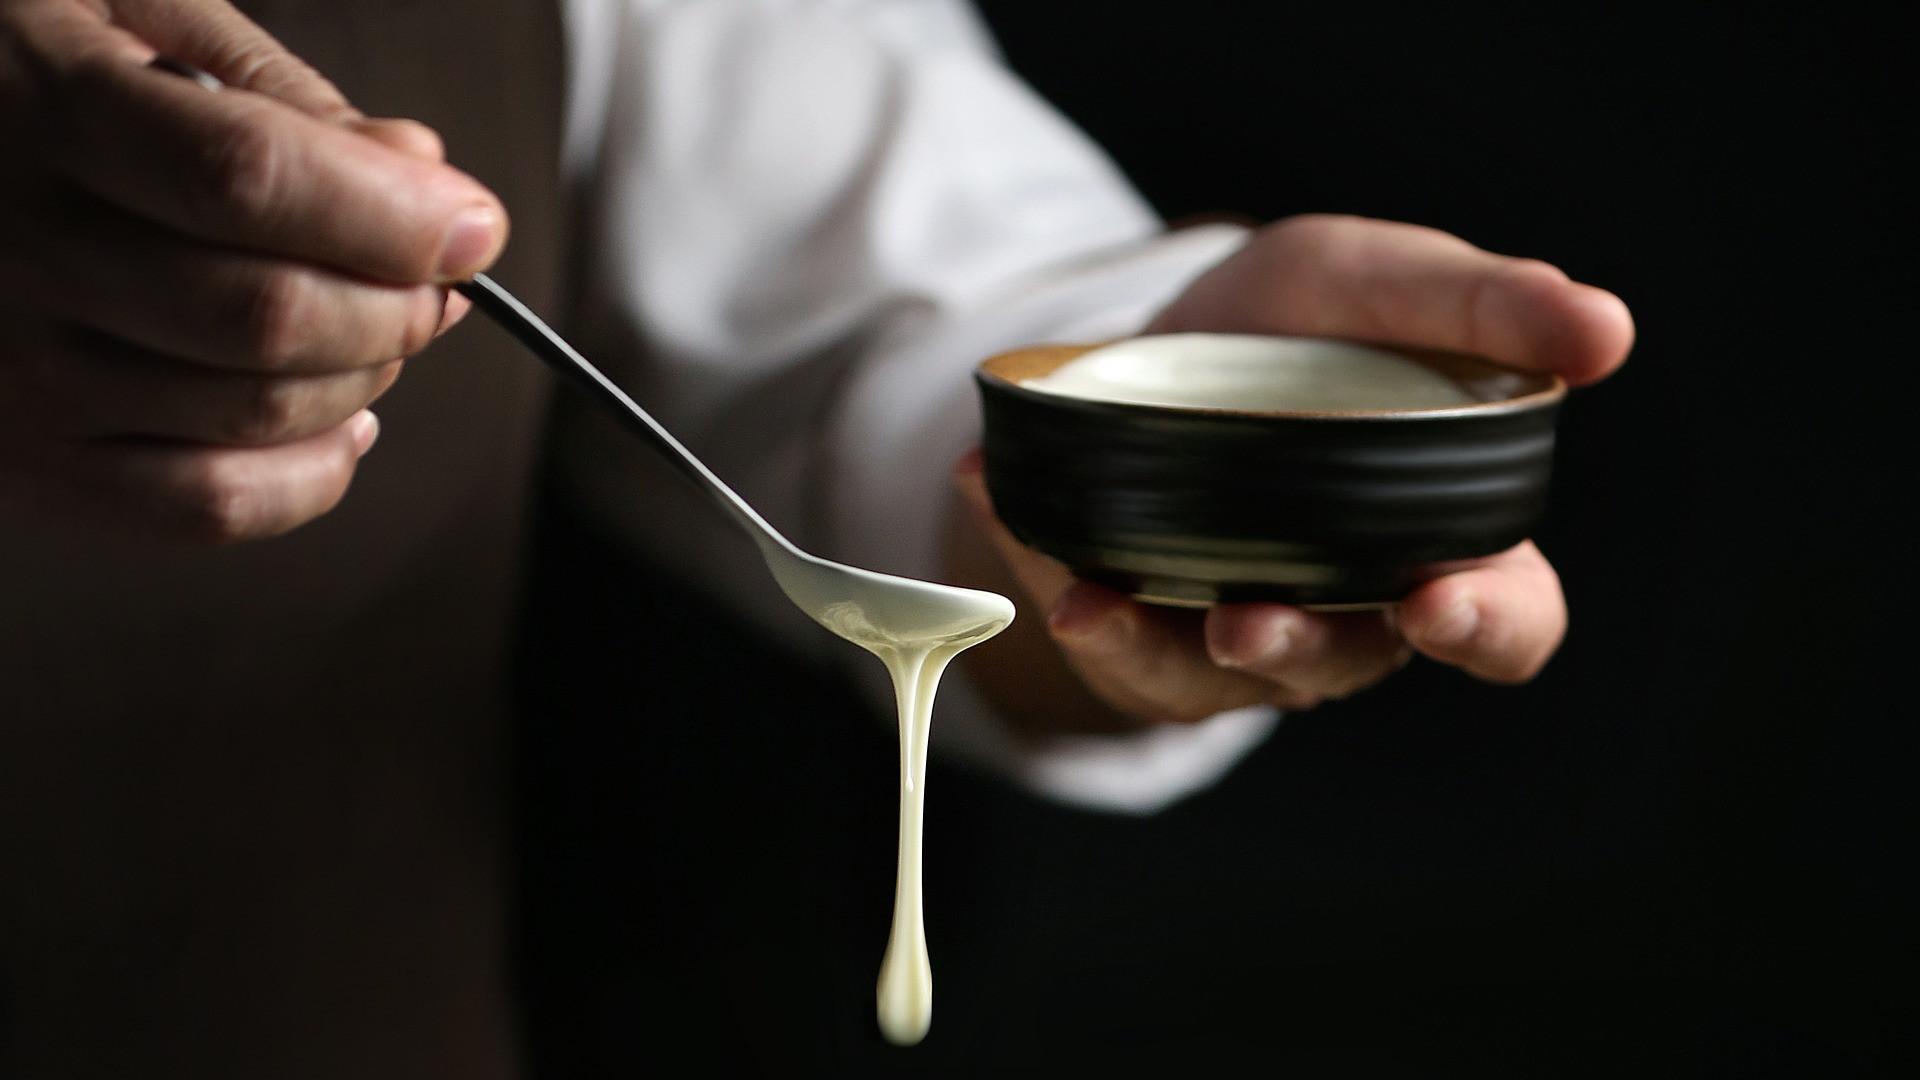 4 Manfaat Ajaib Baking Soda untuk Kesehatan Rambut dan Kulit - JPNN.com